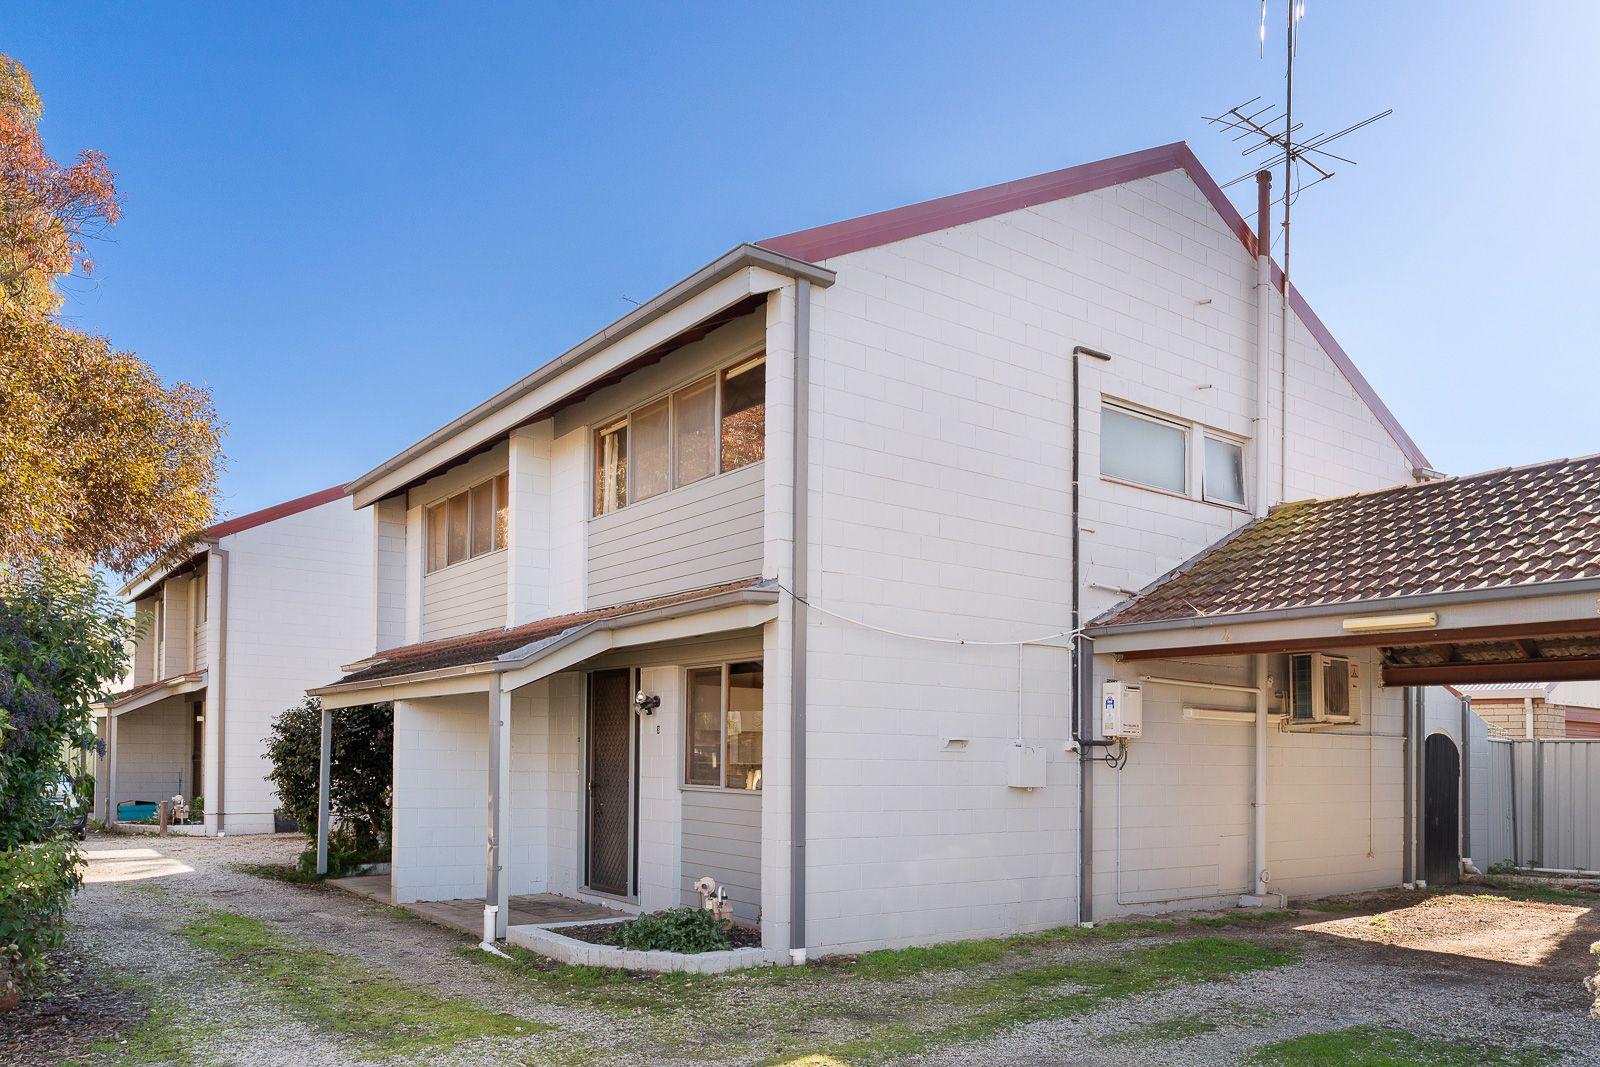 3/521 Margaret Place, Lavington NSW 2641, Image 0